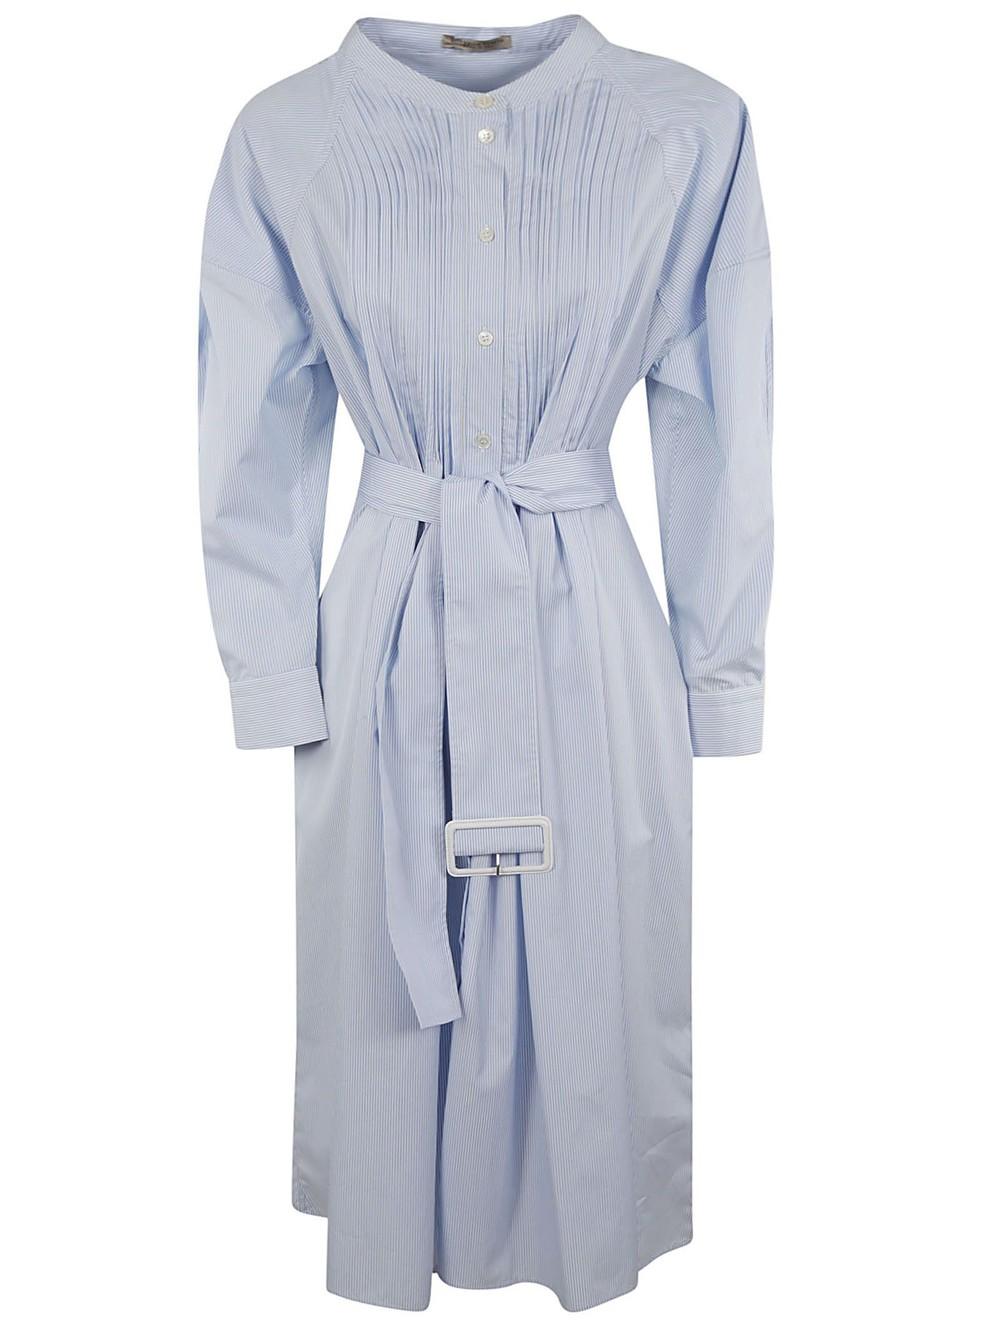 Bottega Veneta Belted Dress in blue / white